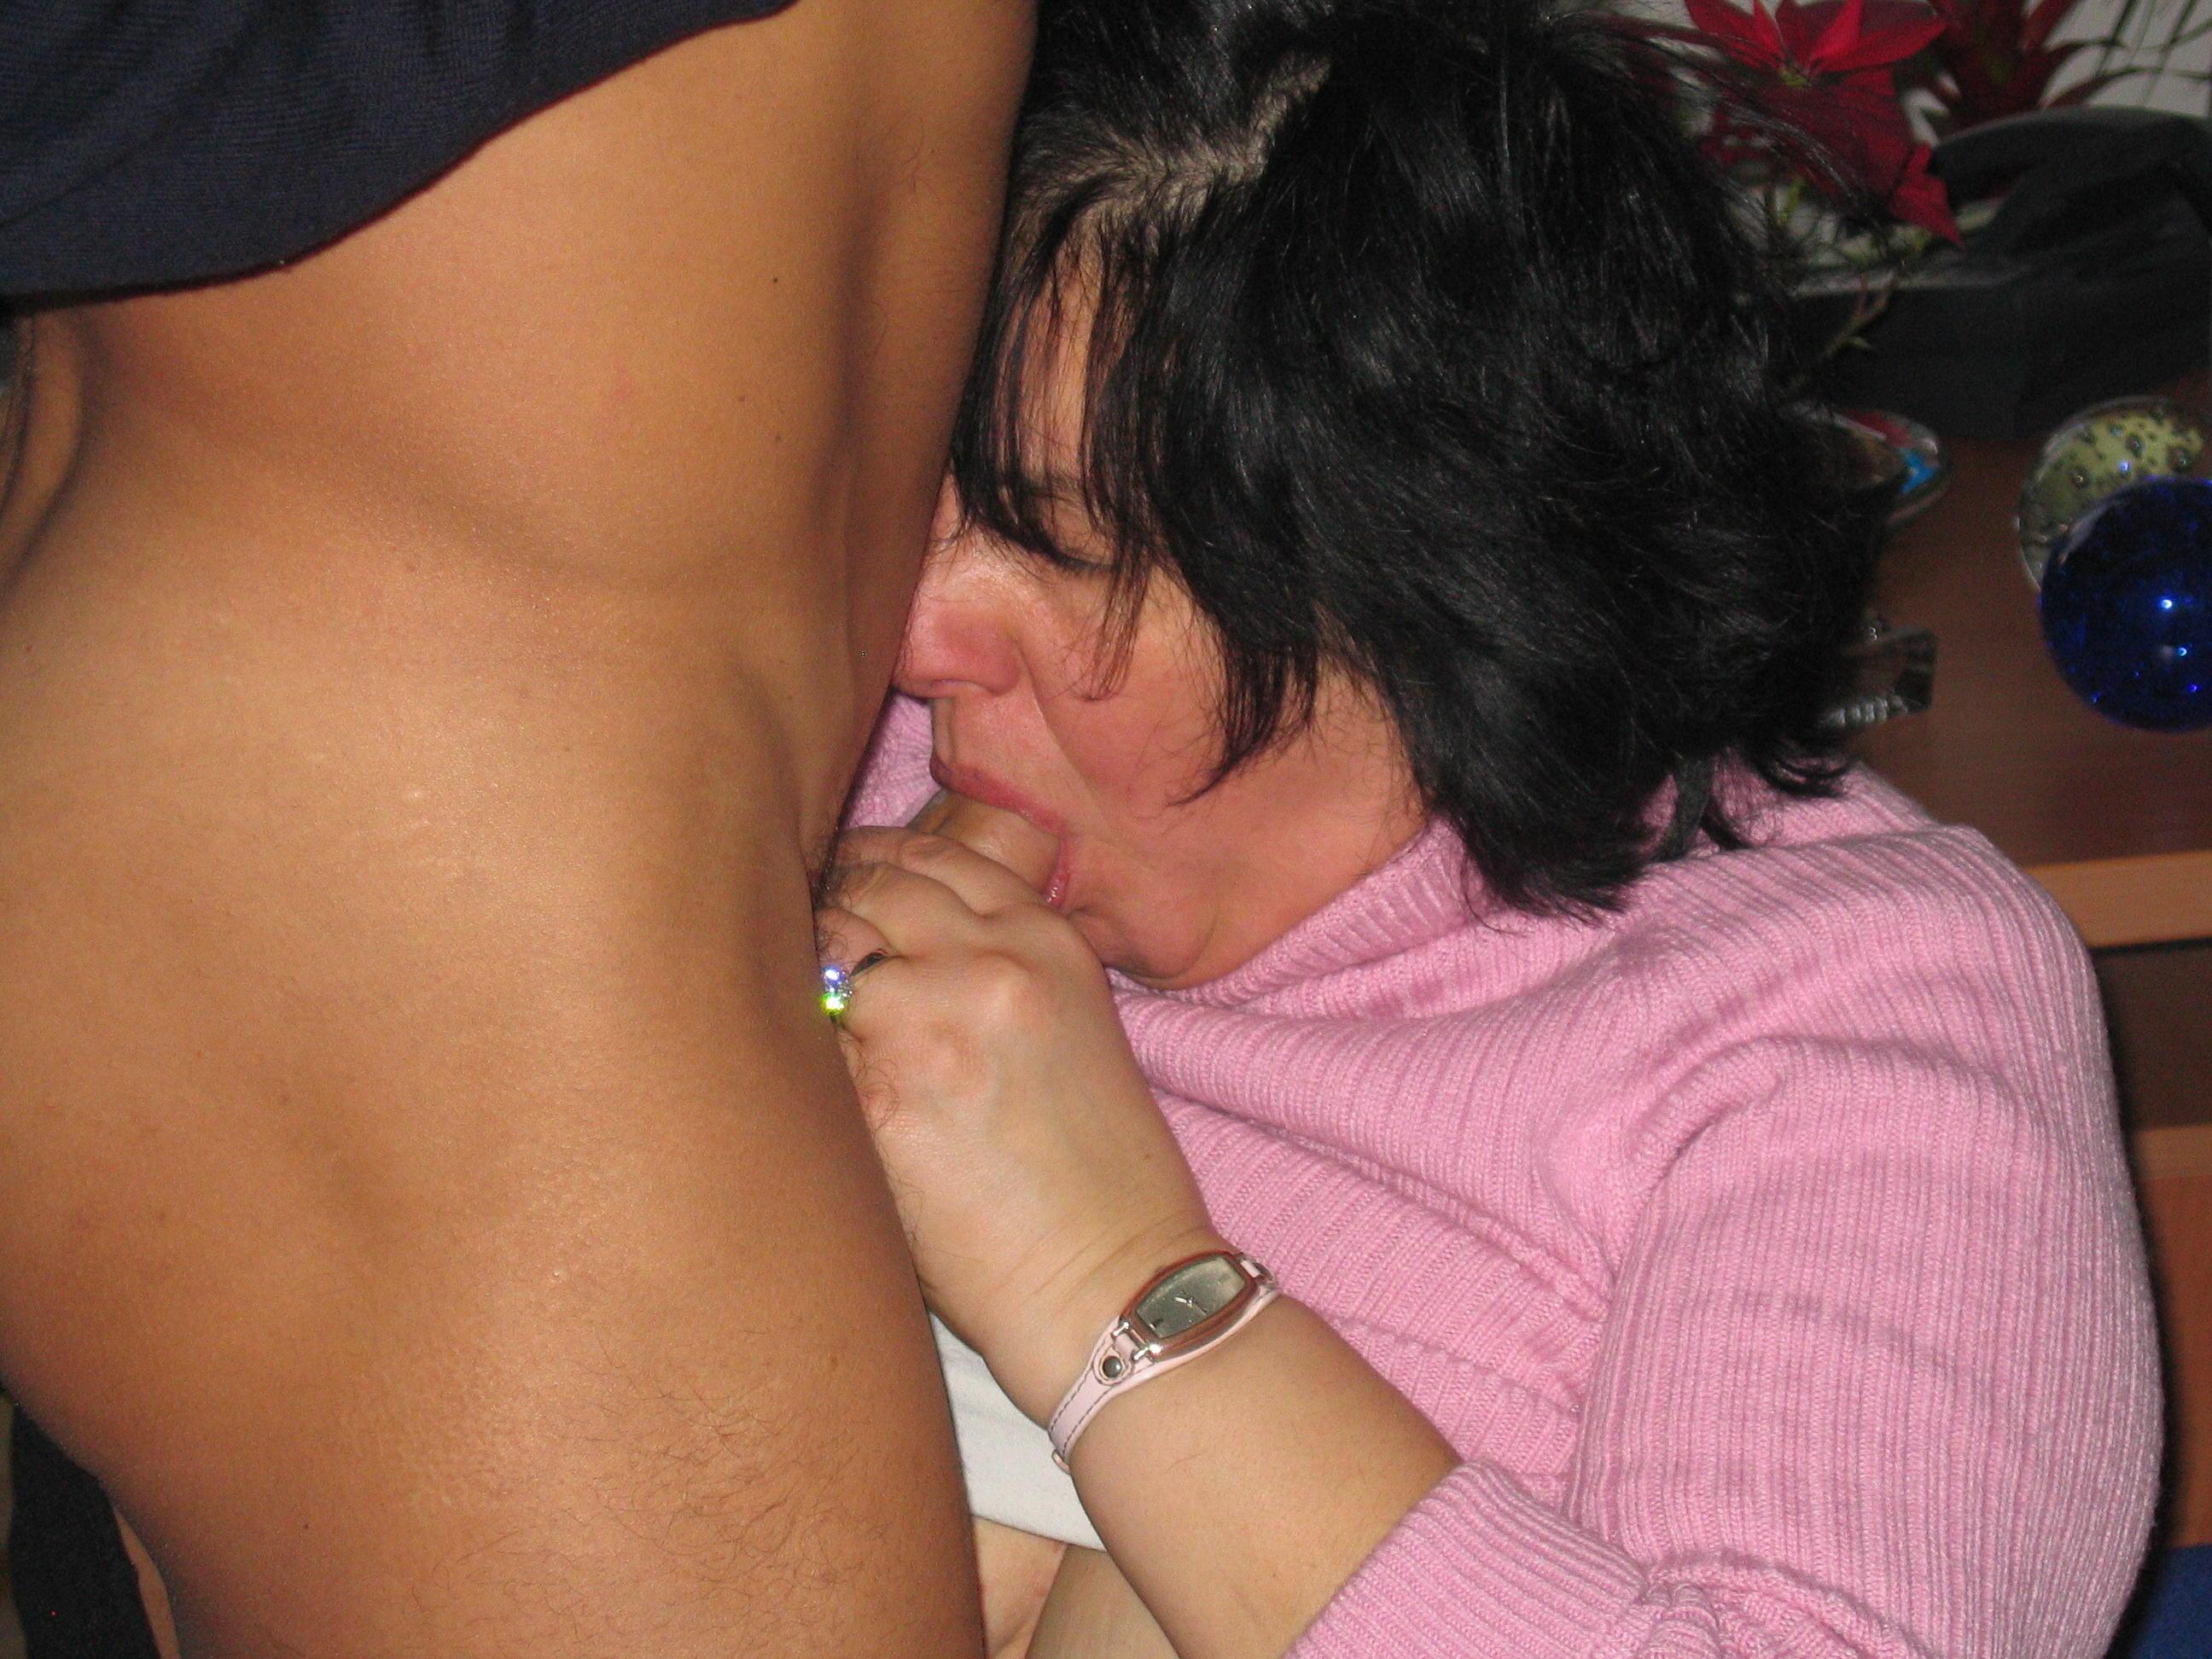 Bästa sättet att ge kvinnan oralsex